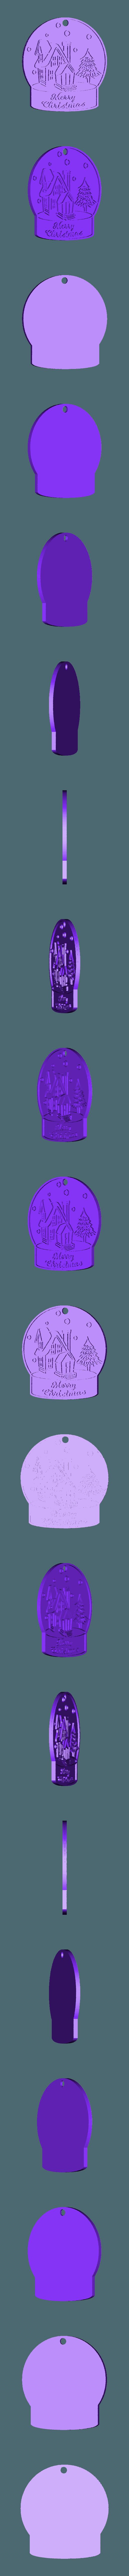 boule de neige ornement.stl Download free STL file Snowball ornament • Template to 3D print, Motek3D